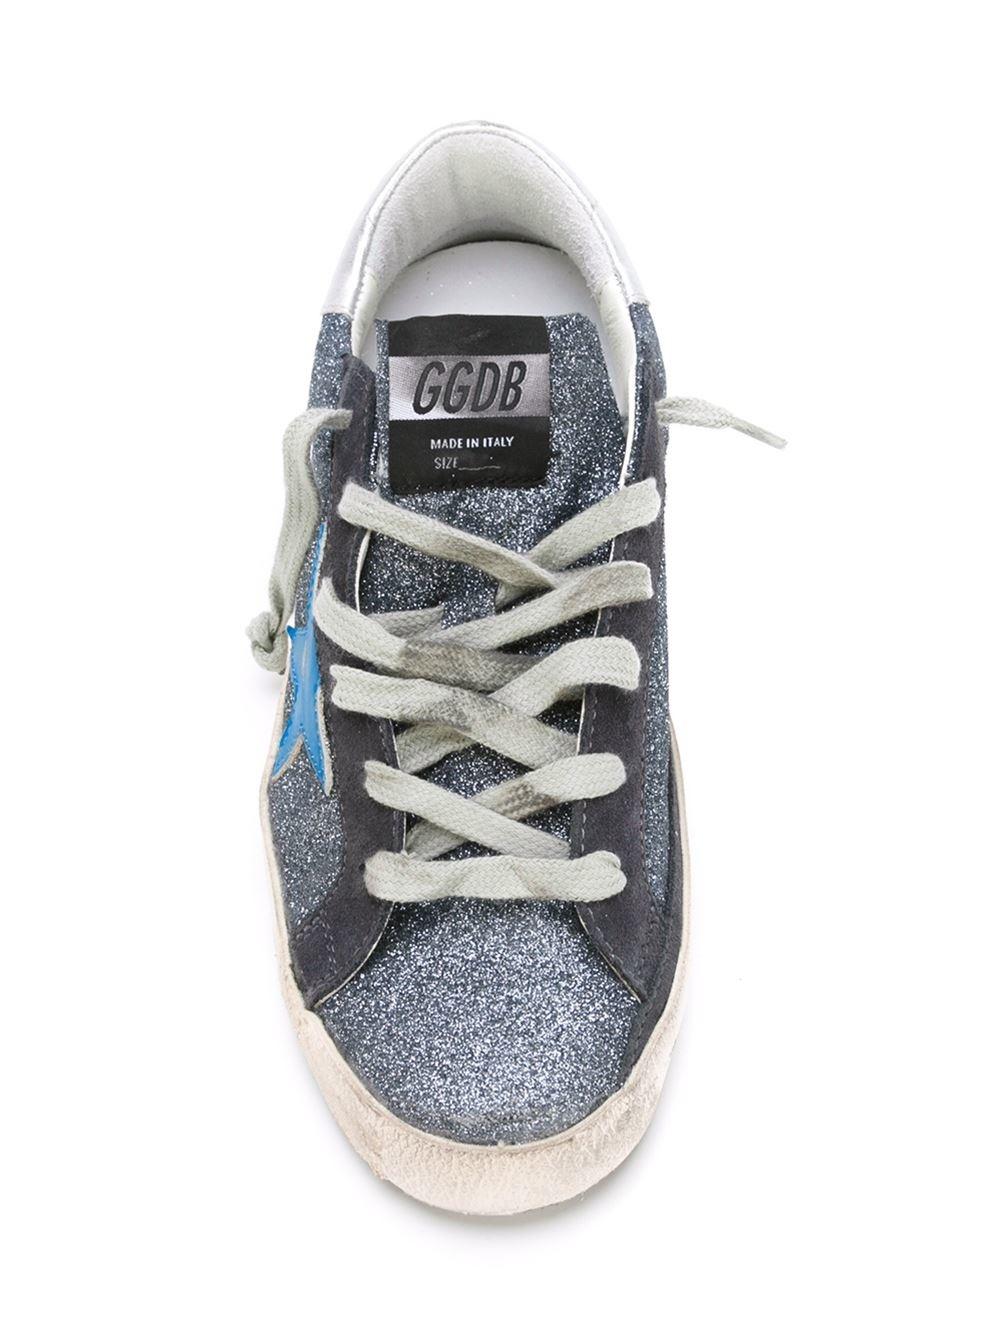 Golden Goose Deluxe Brand Suede Superstar Glitter Low-Top Sneakers in Blue